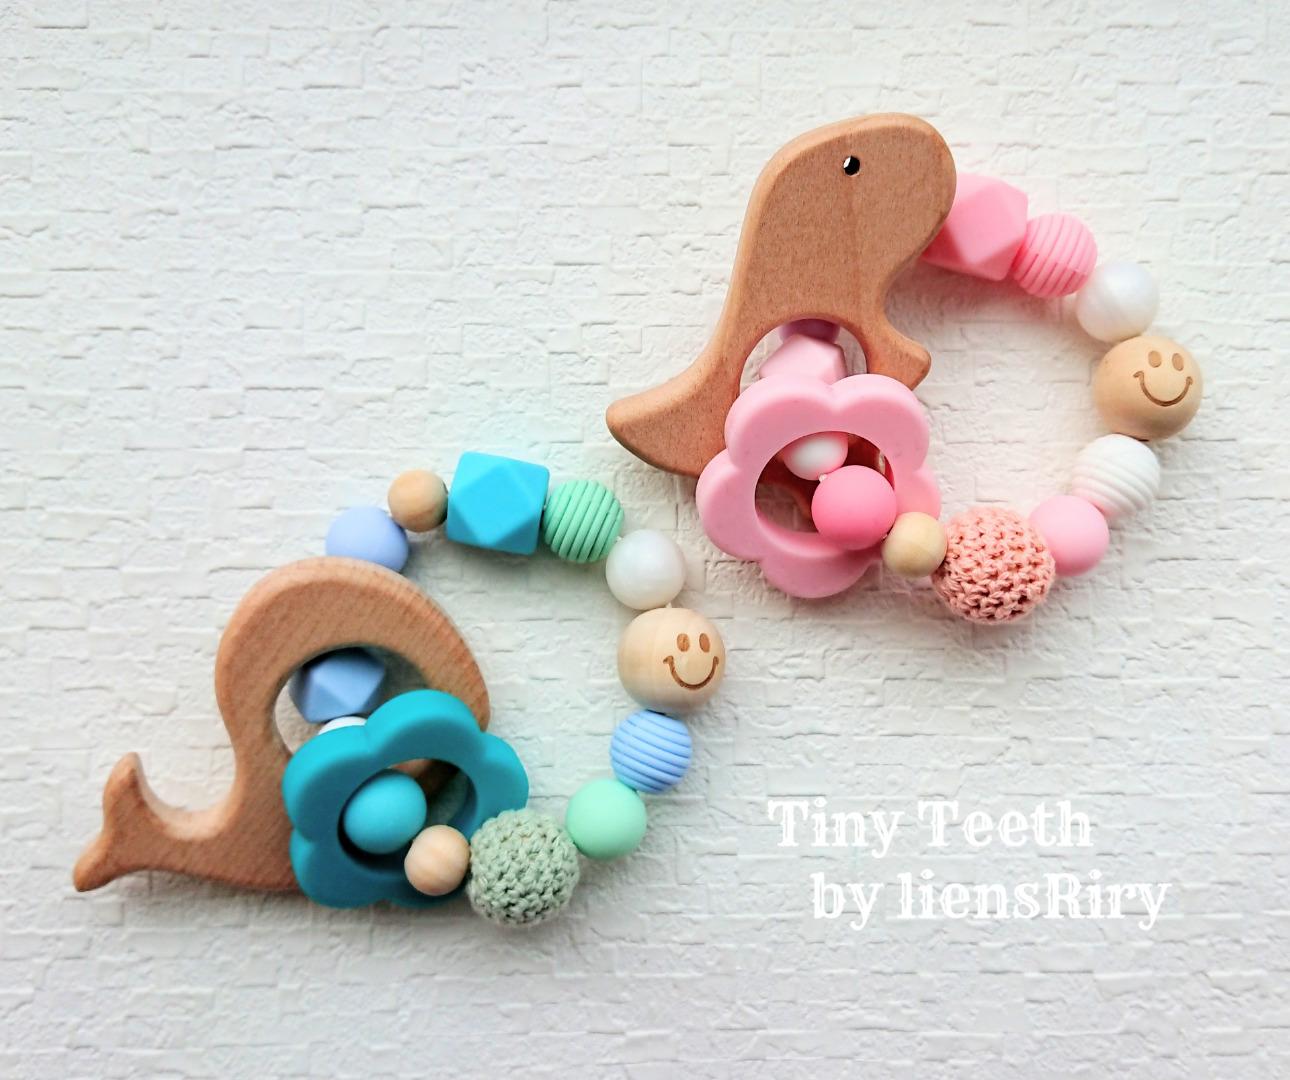 Tiny Teethオリジナルロゴ入りクリップ使用♪ Teeth™ (�� イエロー) 食�レベル�素�・シリコンビーズ・ウッドパーツ♪Tiny 歯固�ジュエリー™� �liensRiry】 シューズクリッパー